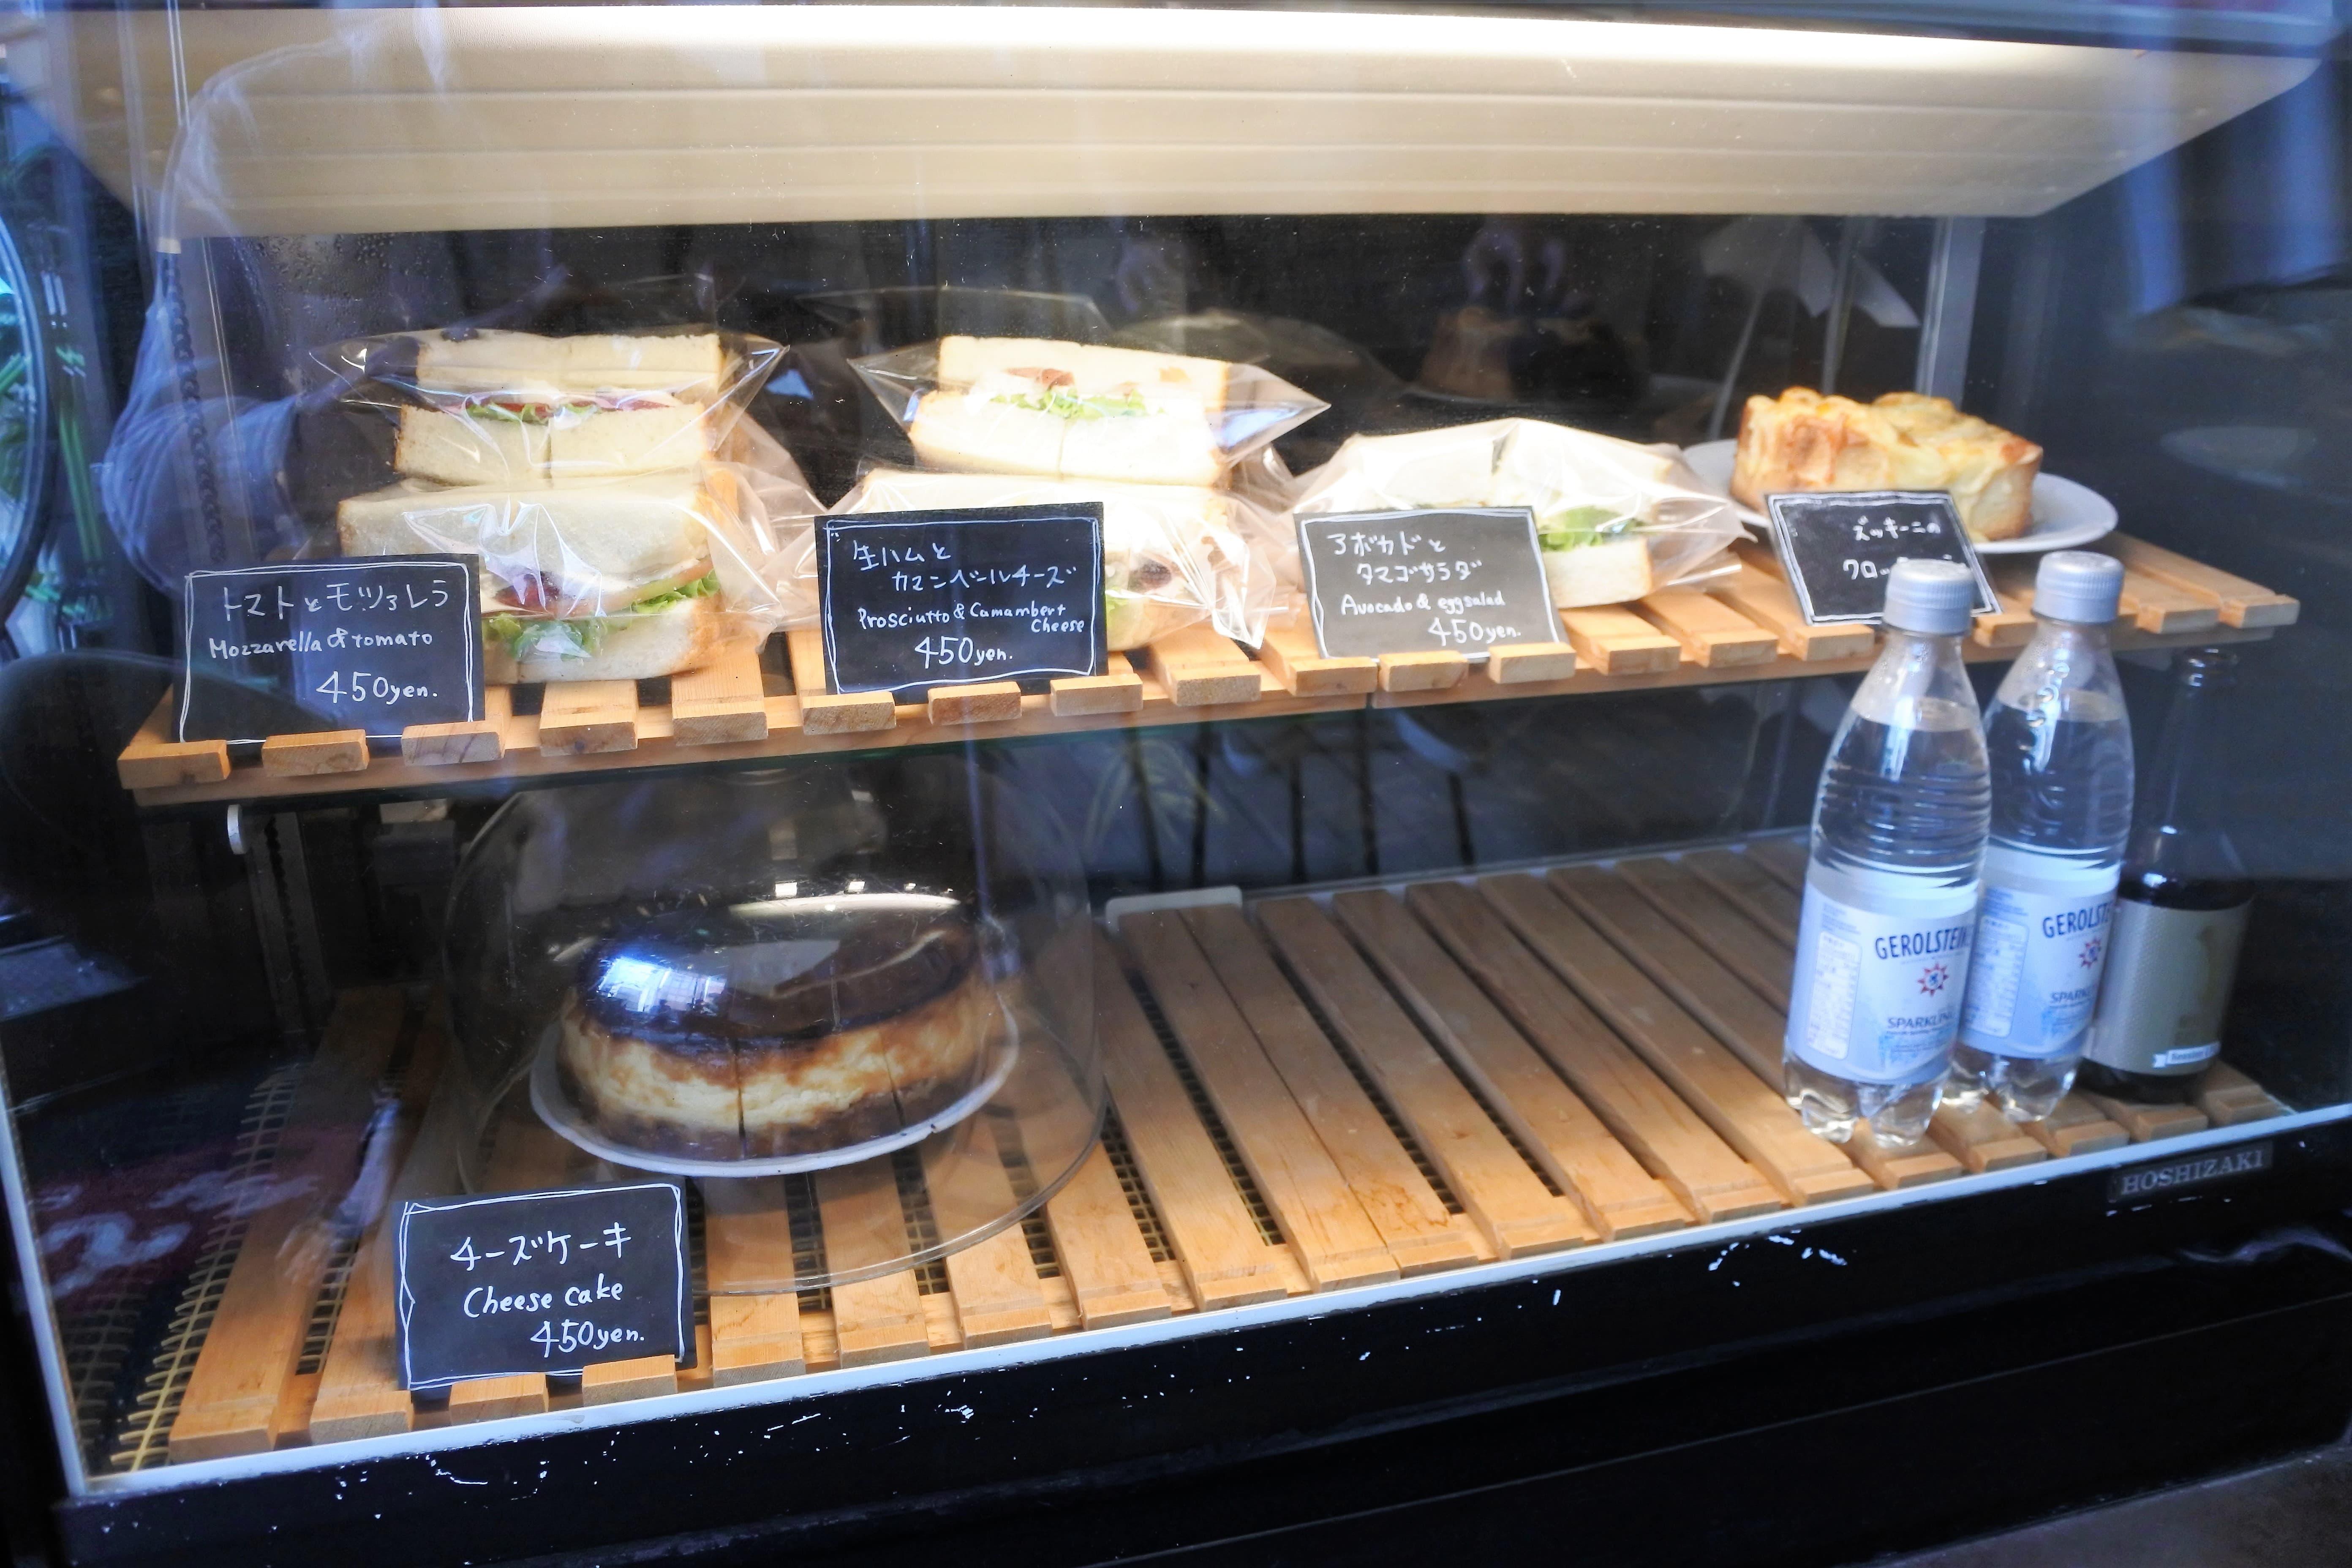 ミッツコーヒースタンド MITTS COFFEE STAND カフェ